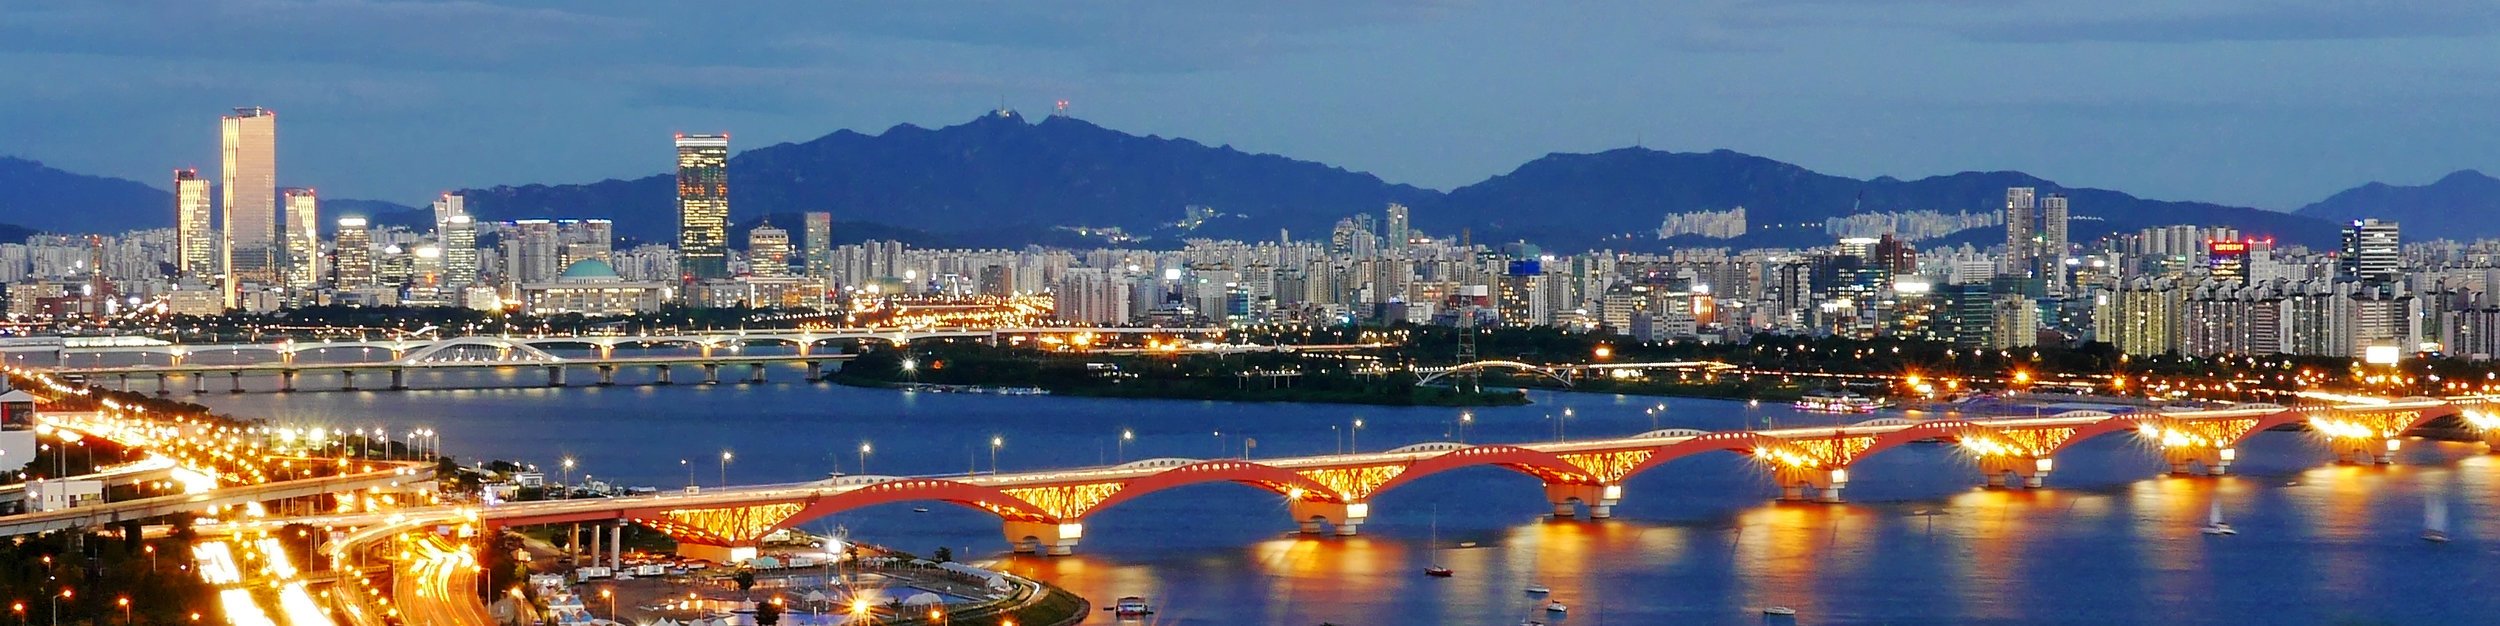 SEOUL, KOREA -